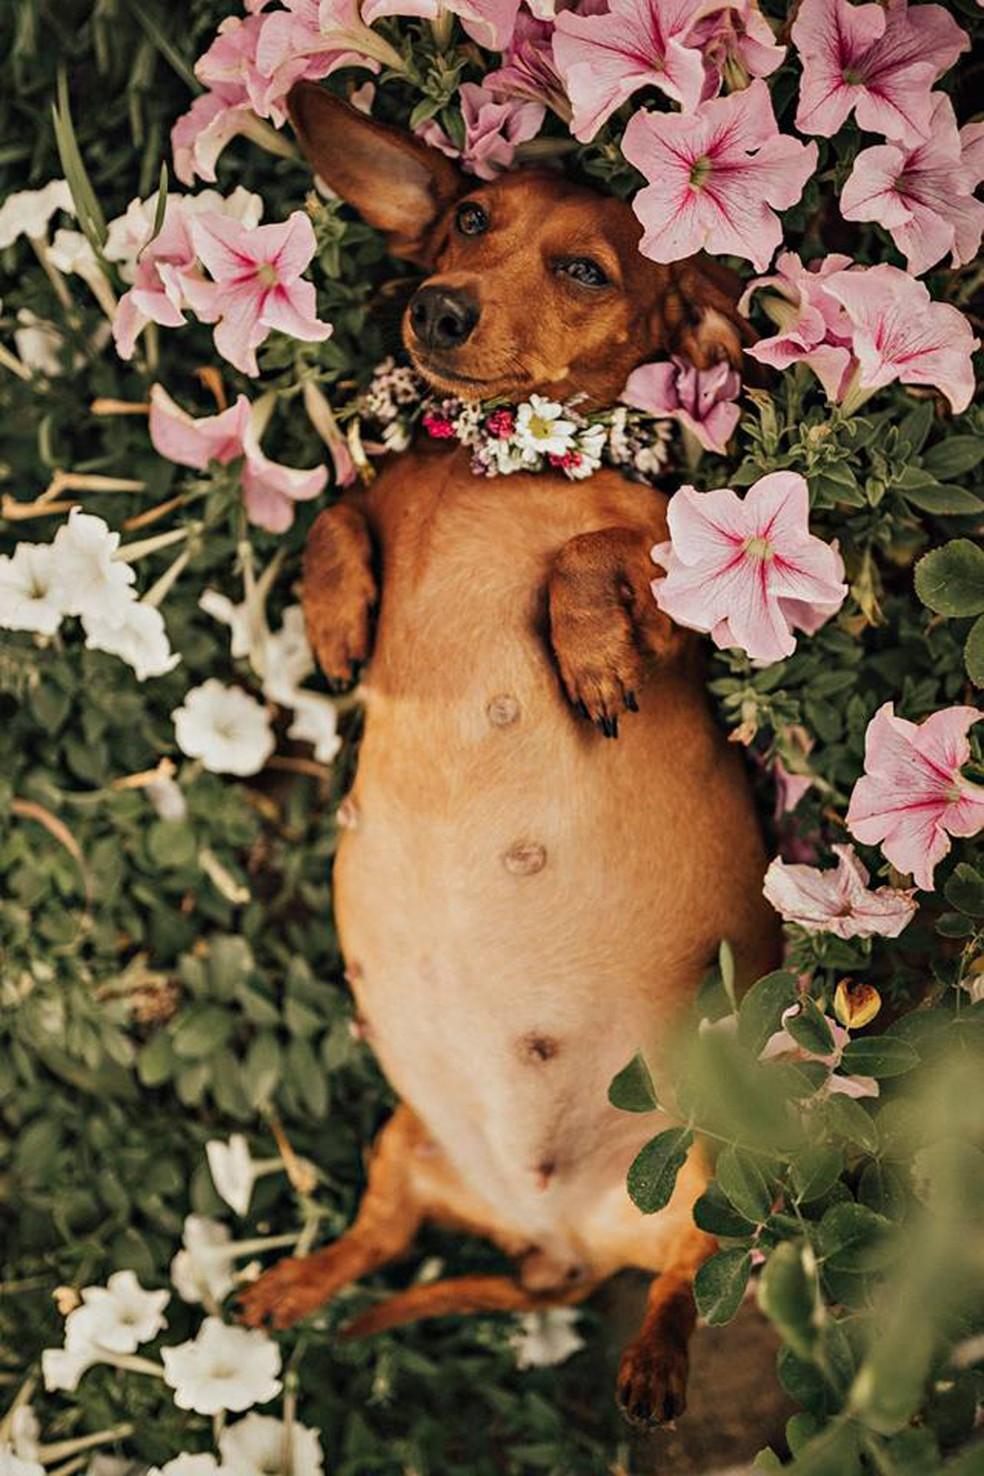 Cachorrinha grávida ganha ensaio fotográfico na Austrália (Foto: Vicki Miller Photography/Facebook)